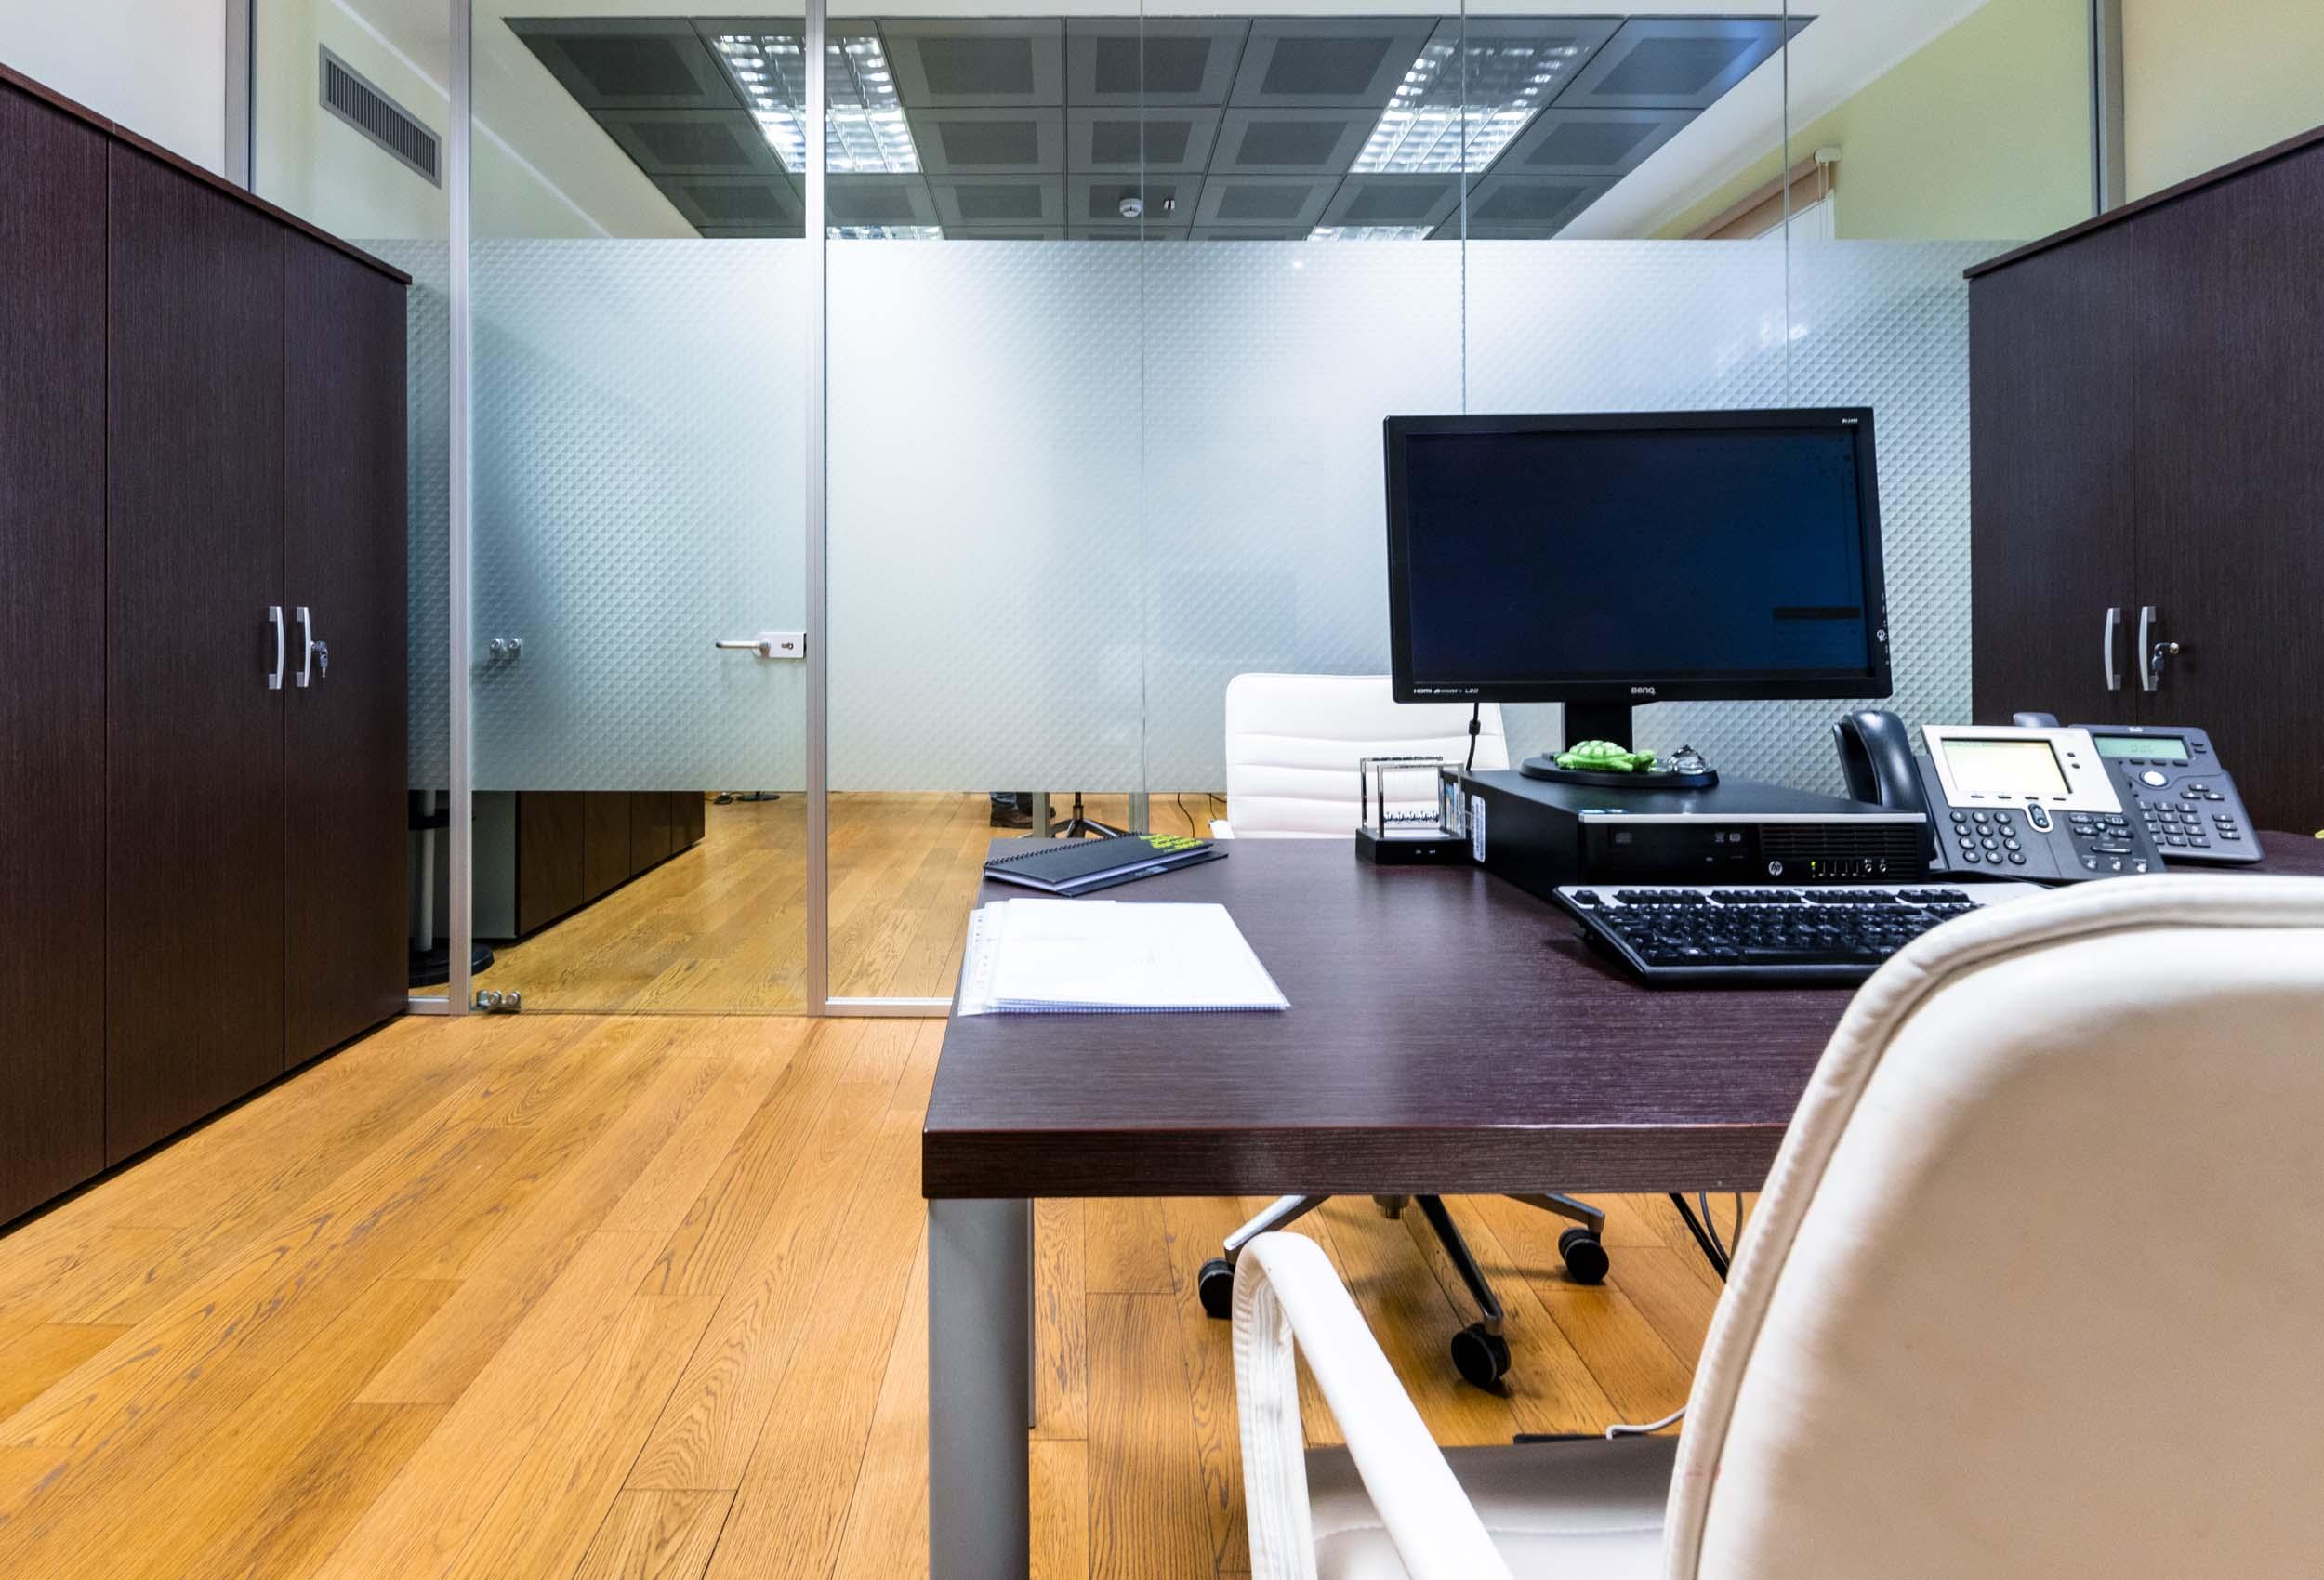 Uffici_FAD_Studiodiarchitetturaroma_Architettoroma_Progettazione-2